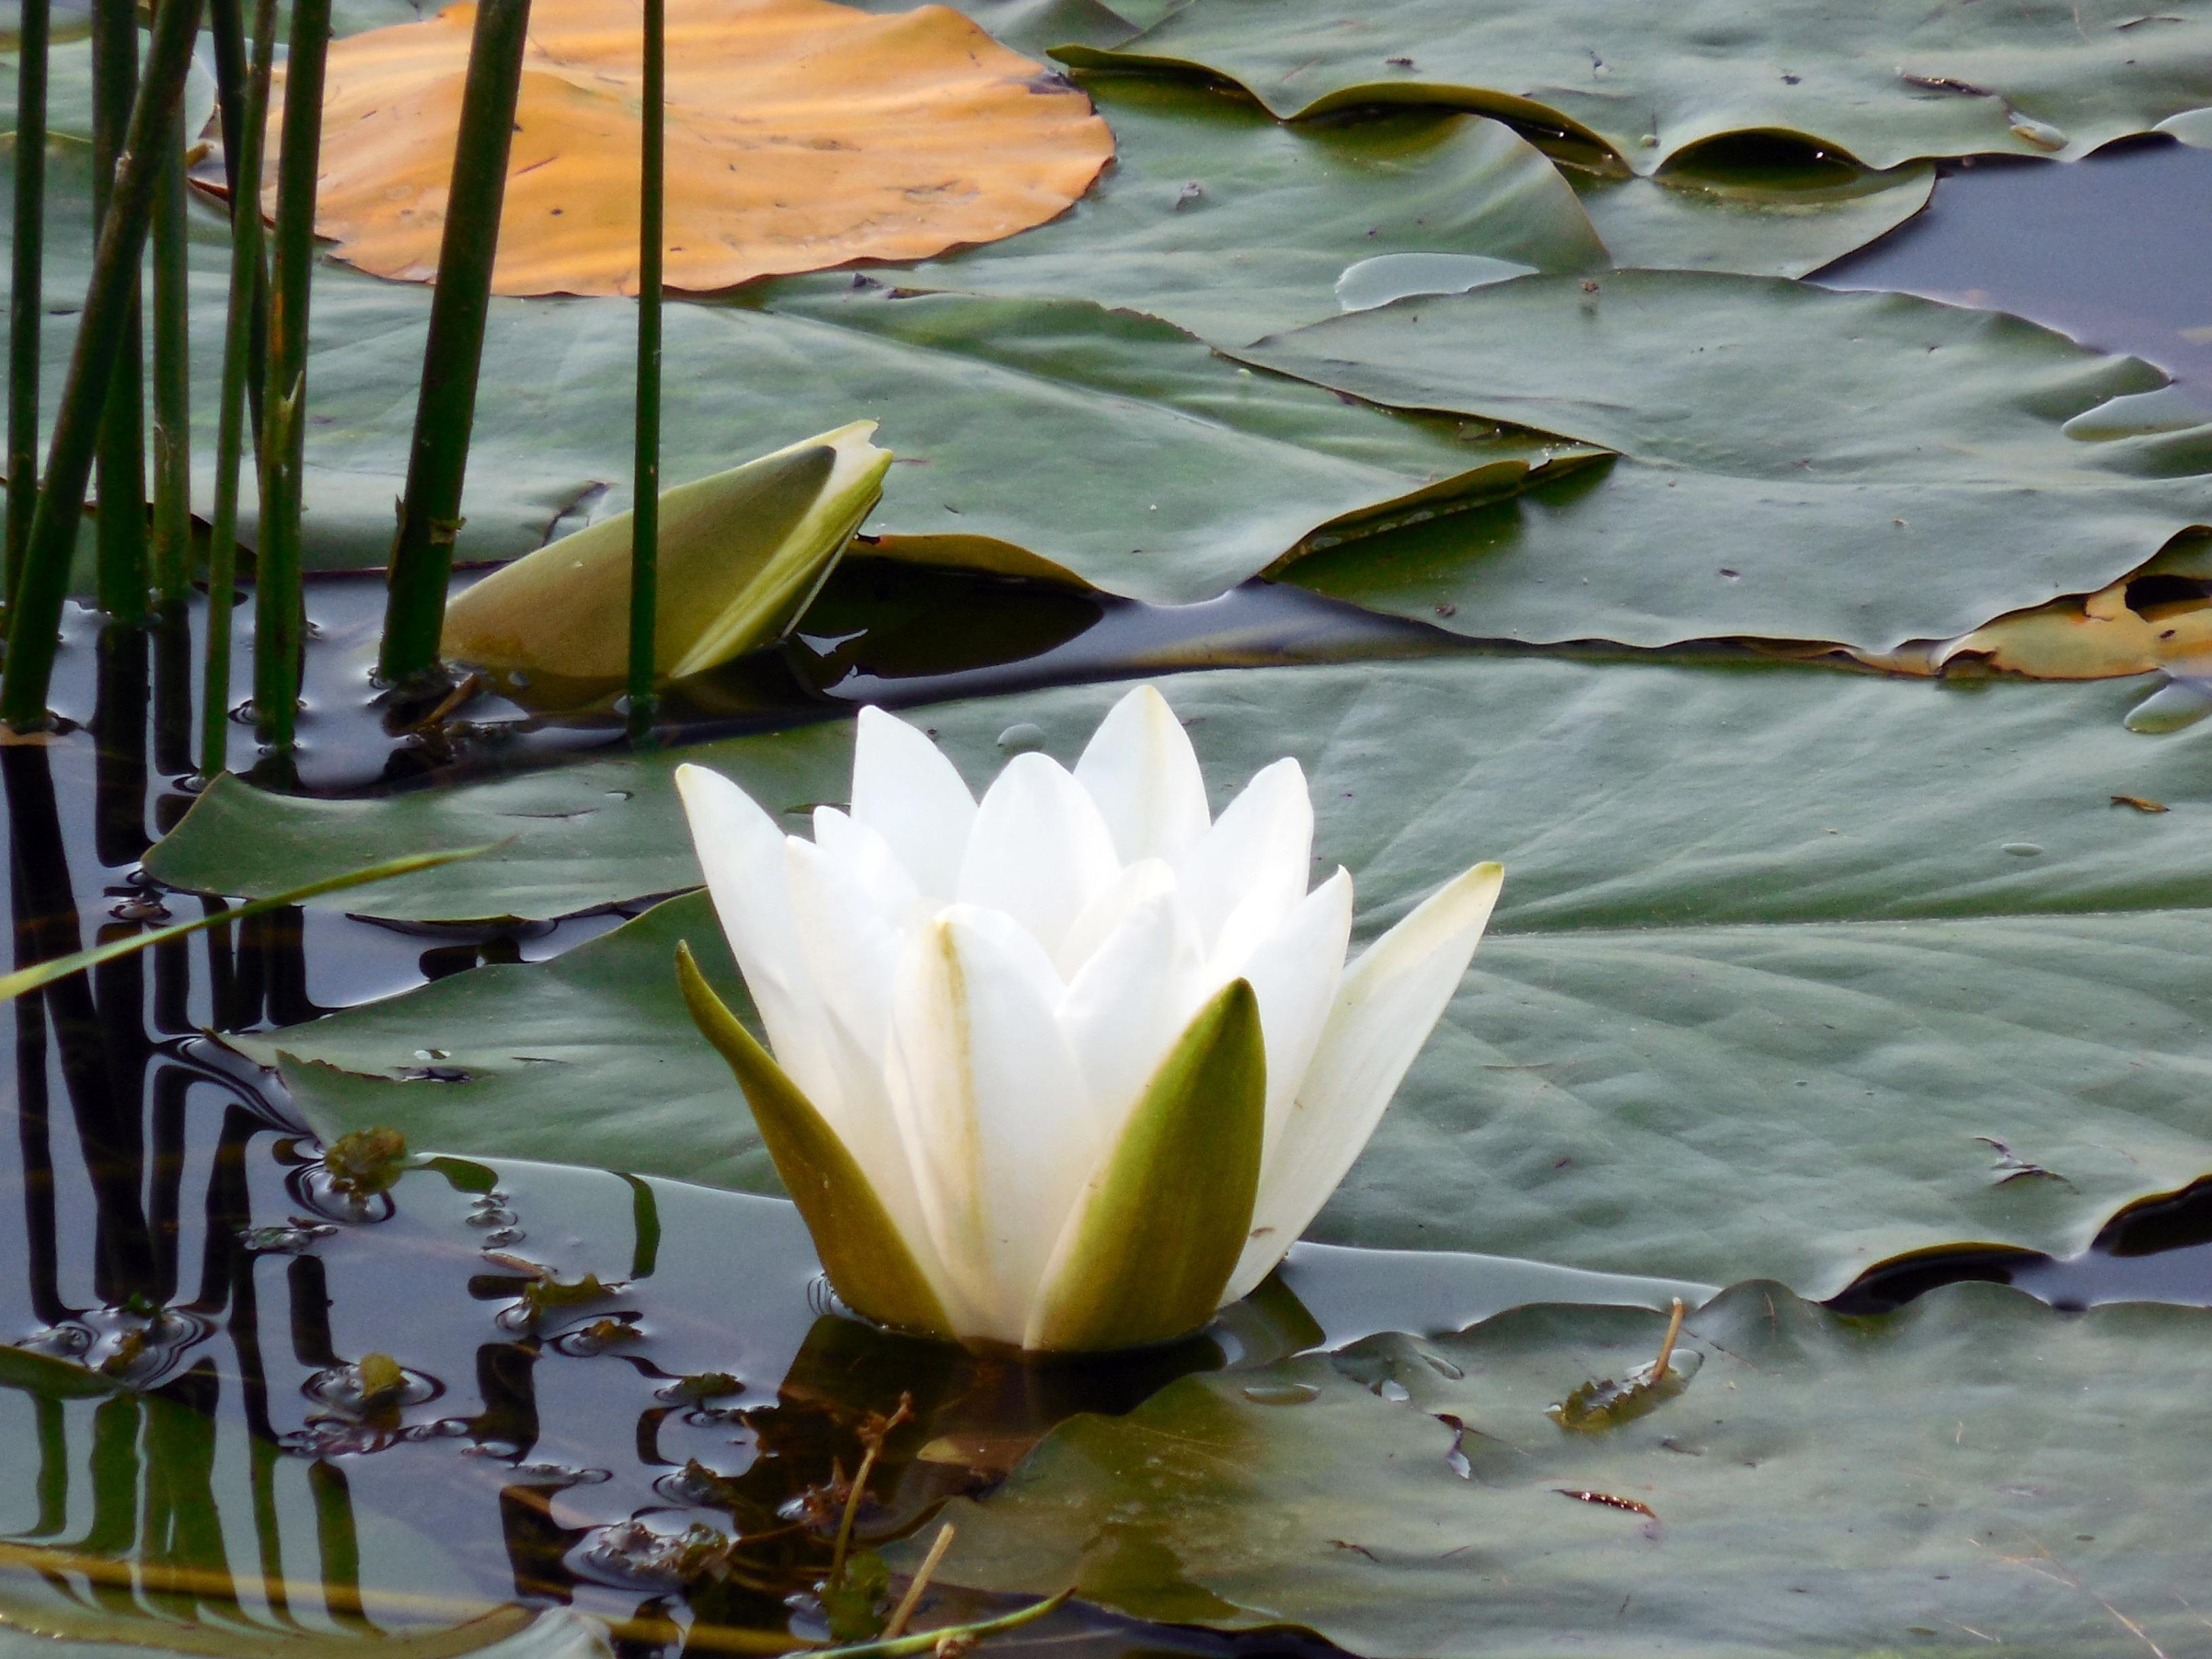 такие картинки белых лилий на воде найди